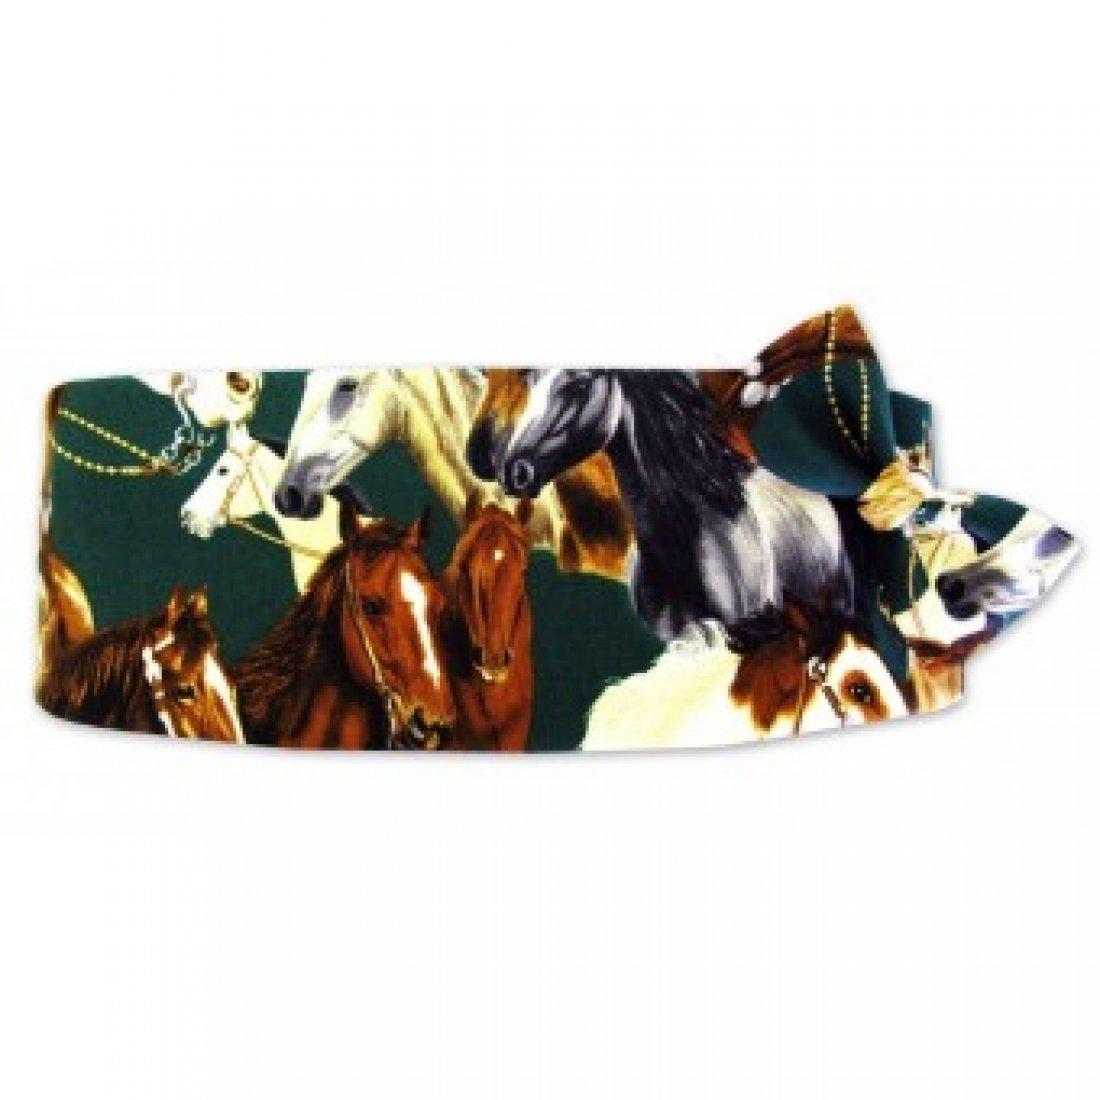 Thoroughbred Horse Tuxedo Cummerbund and Bow Tie